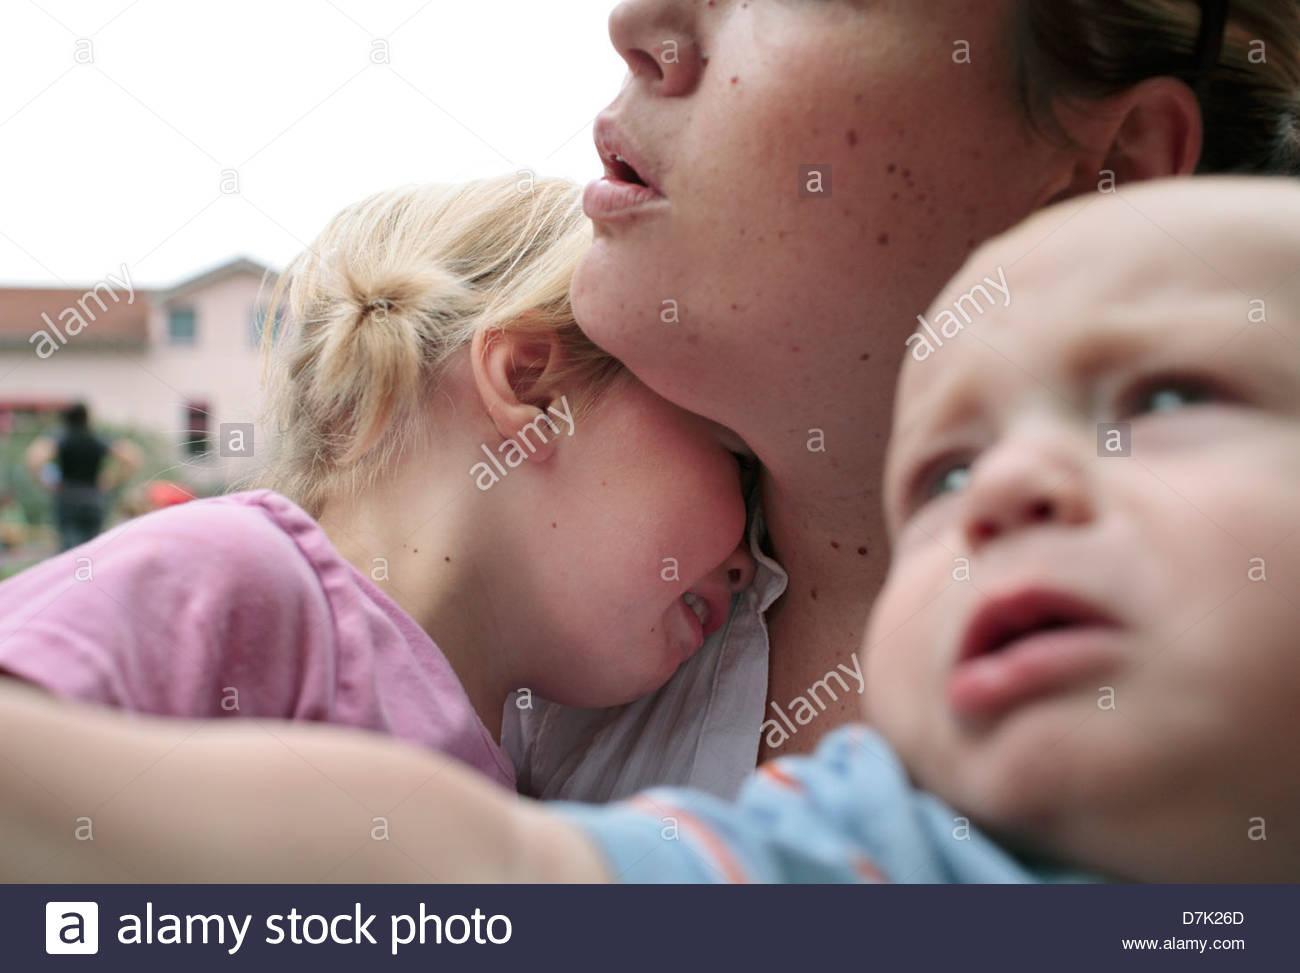 Señorita consuelo el llanto de los niños Imagen De Stock